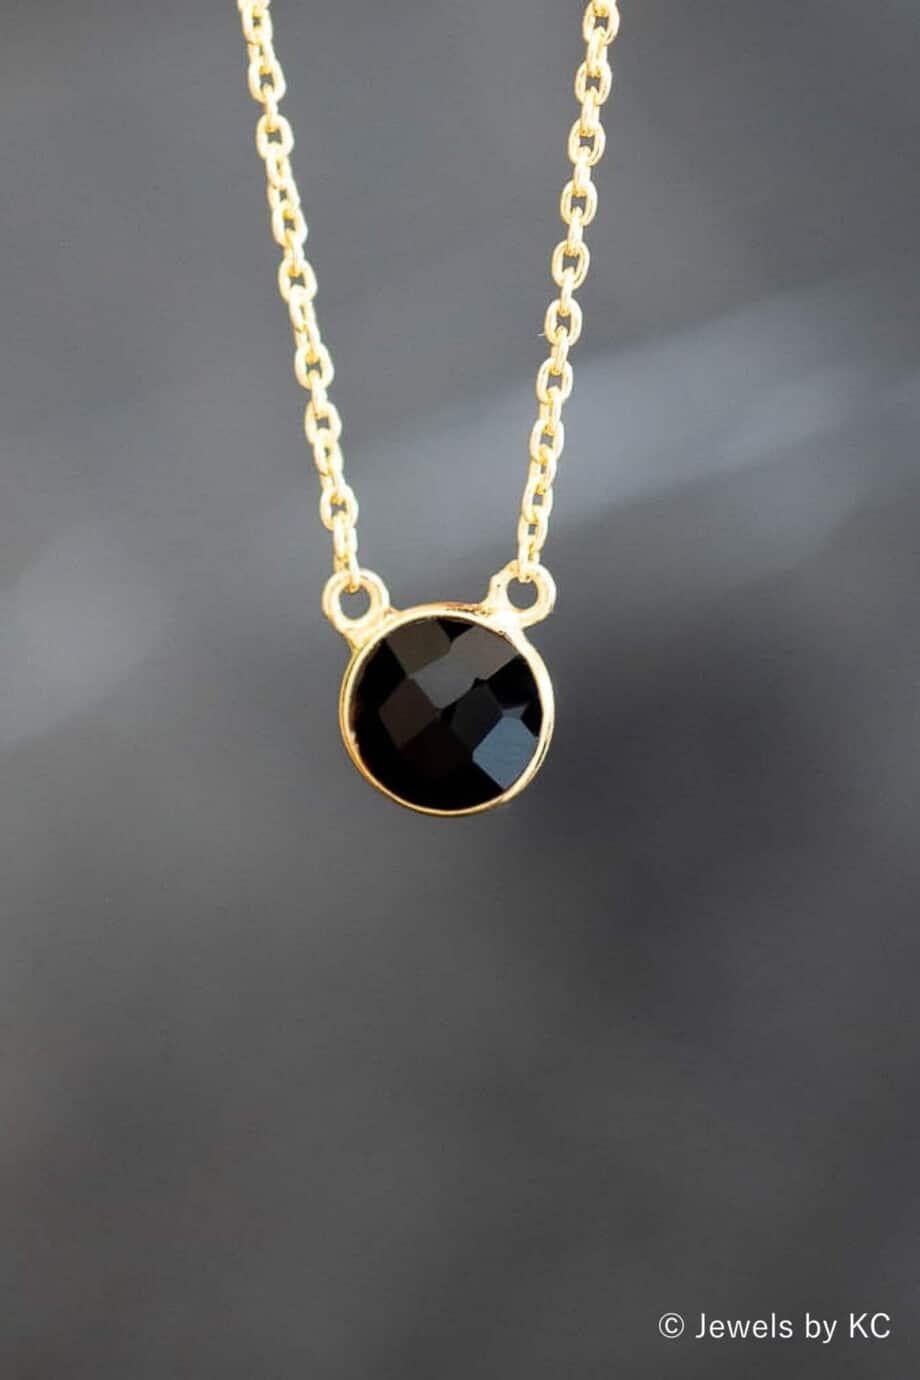 Gouden ketting met zwarte steen van 'Black Onyx' edelsteen van Goud op Zilver